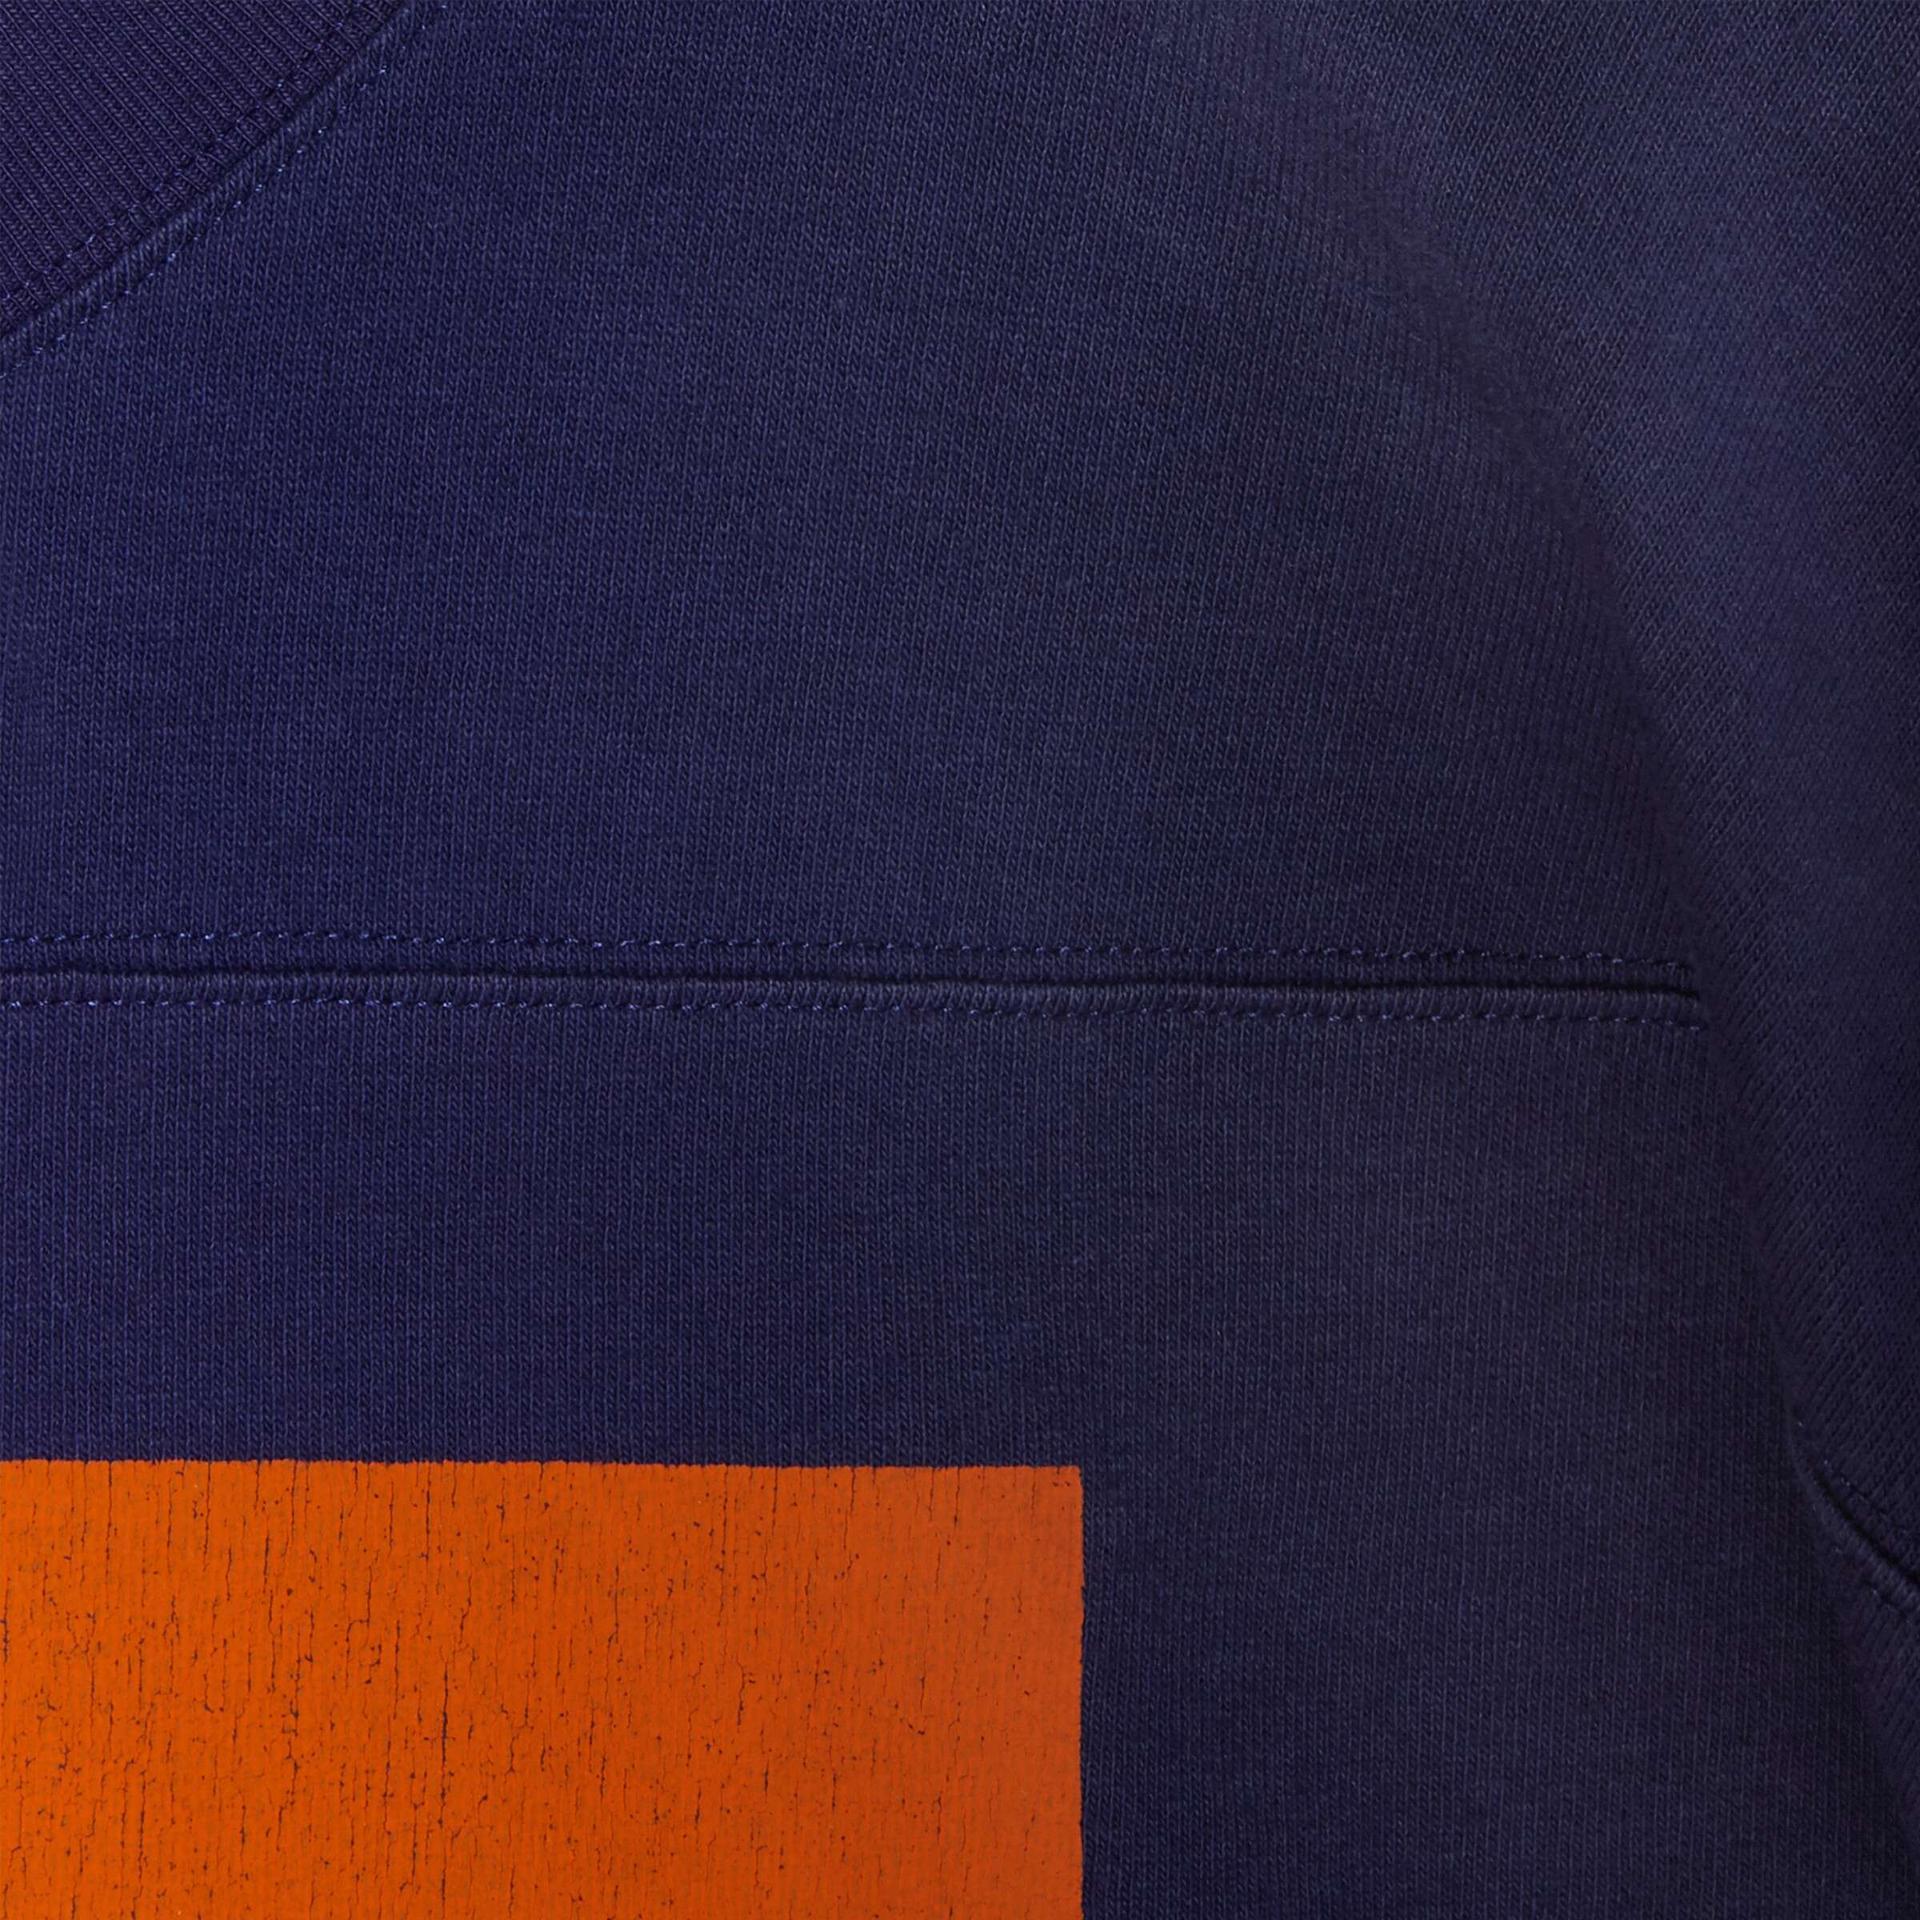 유럽직배송 구찌 GUCCI Gucci - T-shirt with '25 Gucci Eschatology and Blind for Love 1921' print 655459XJDHG4323